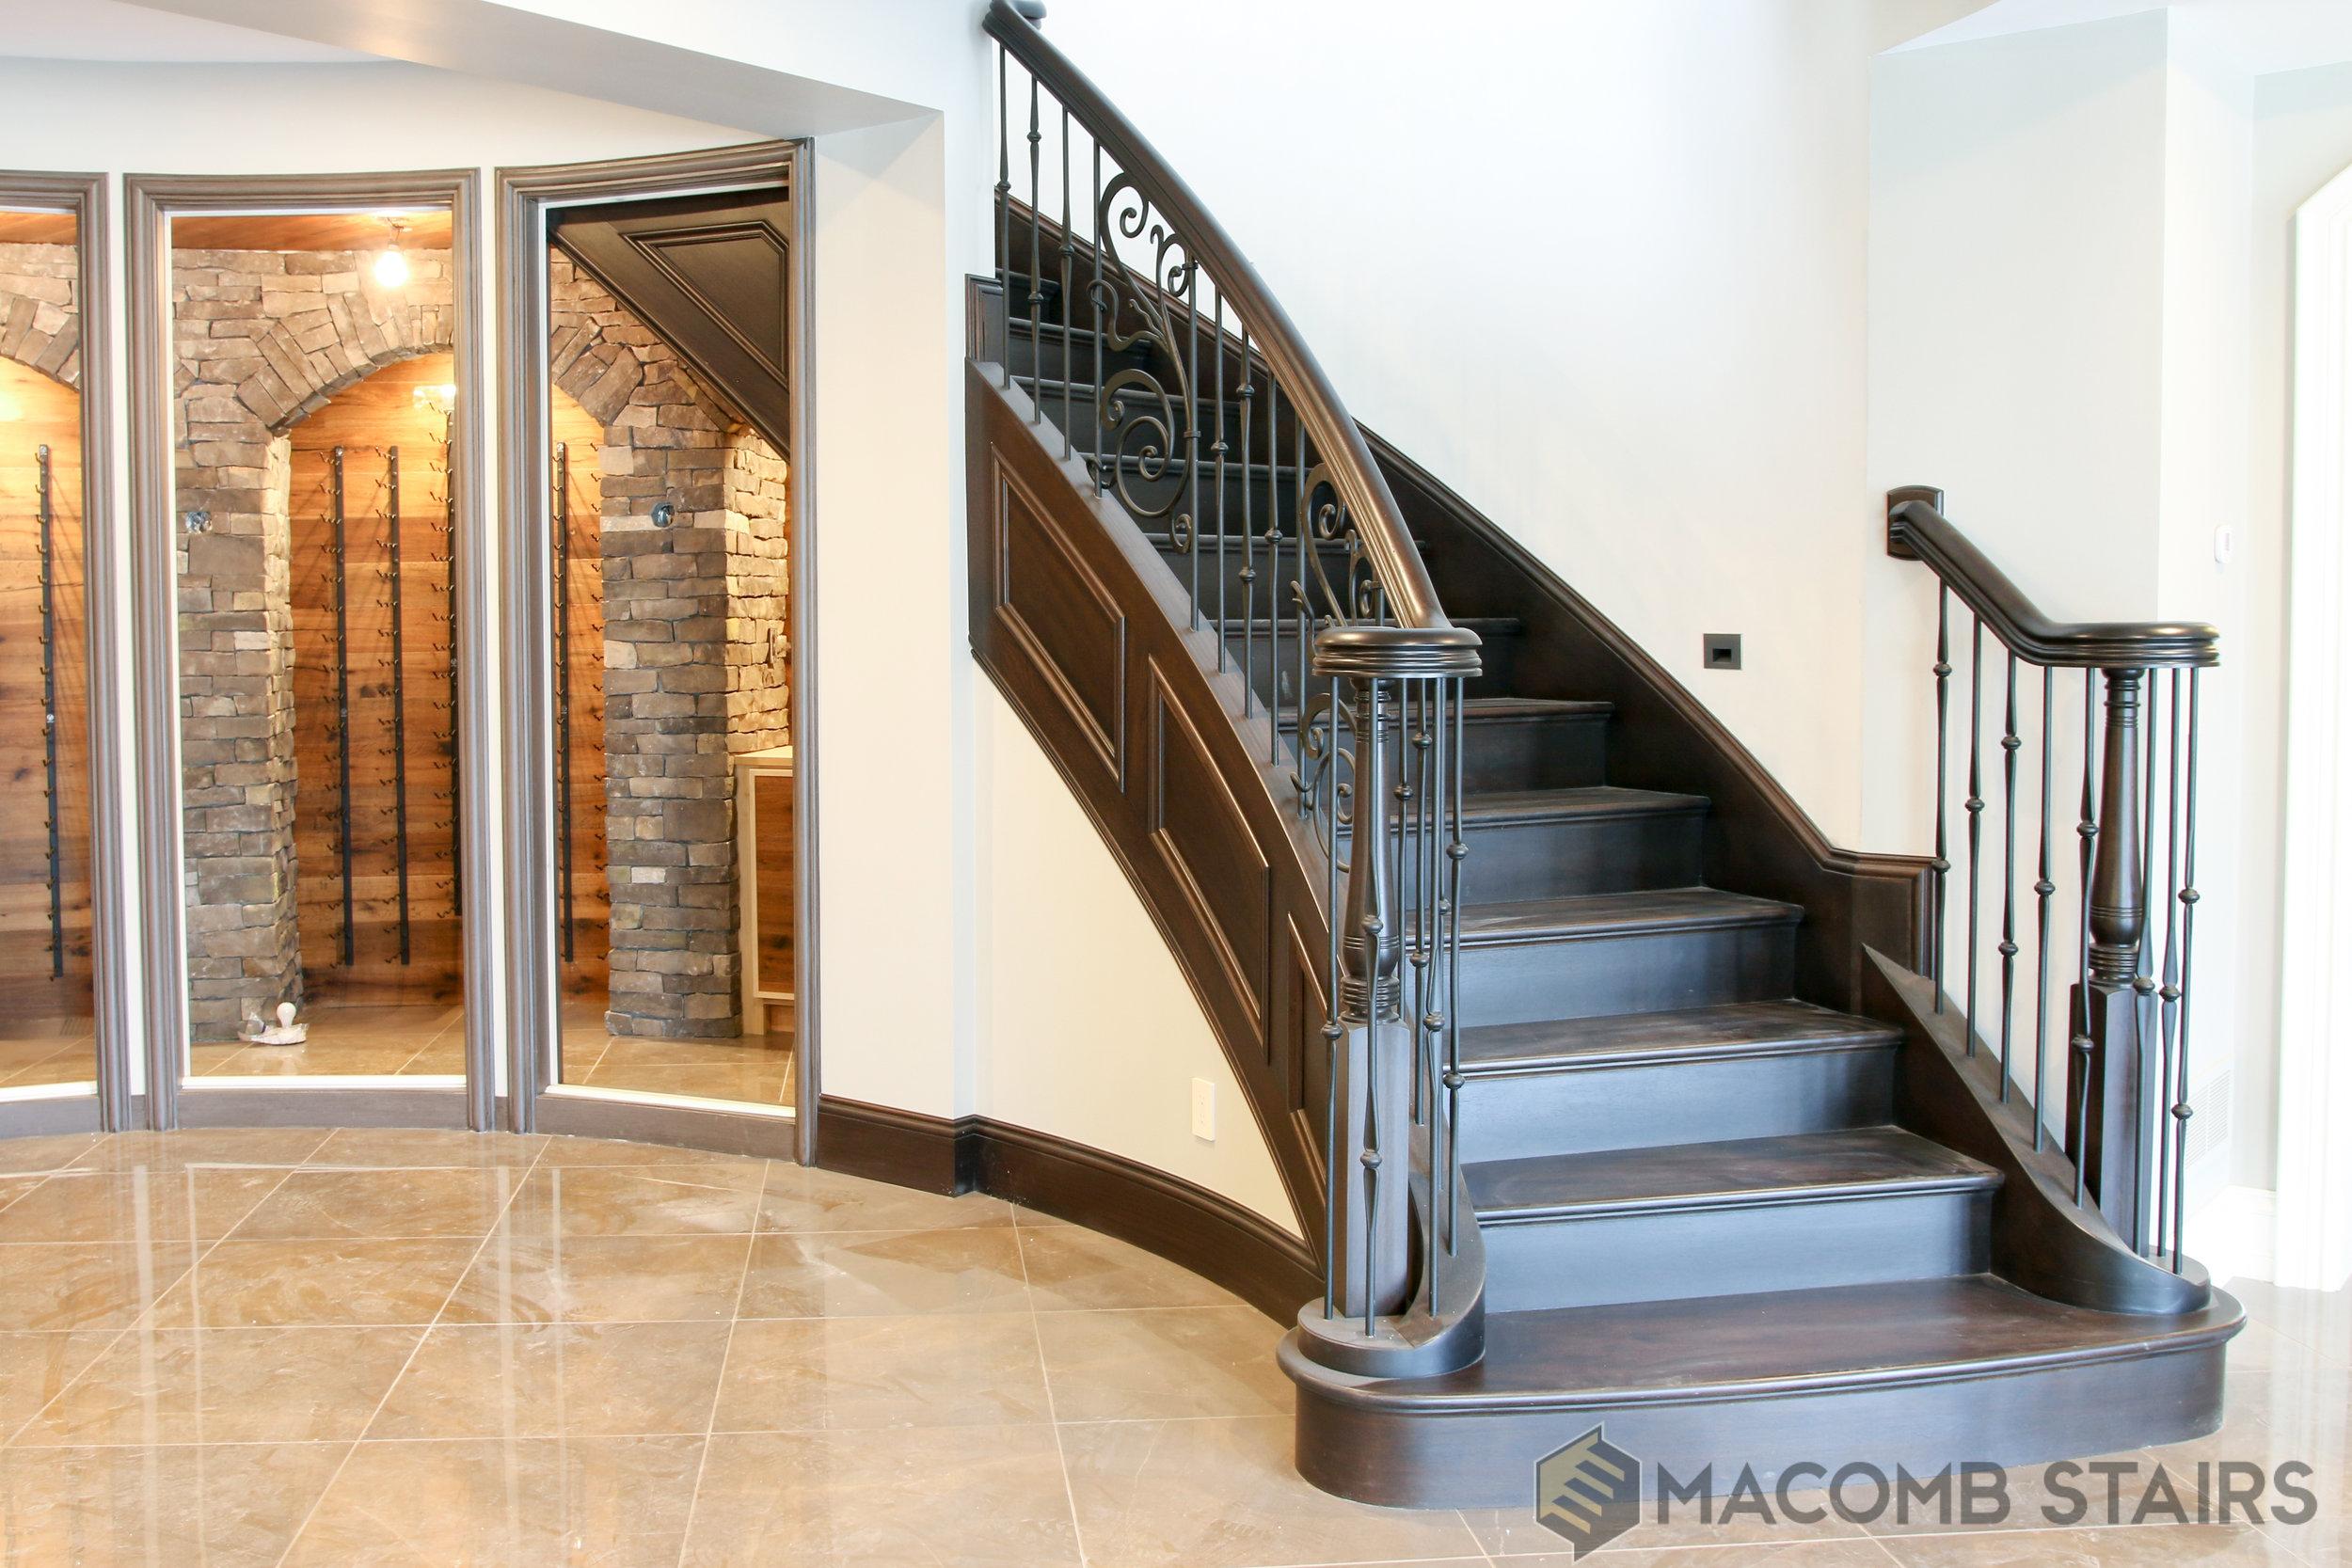 Macimb Stairs- Stair Photo-5-2.jpg